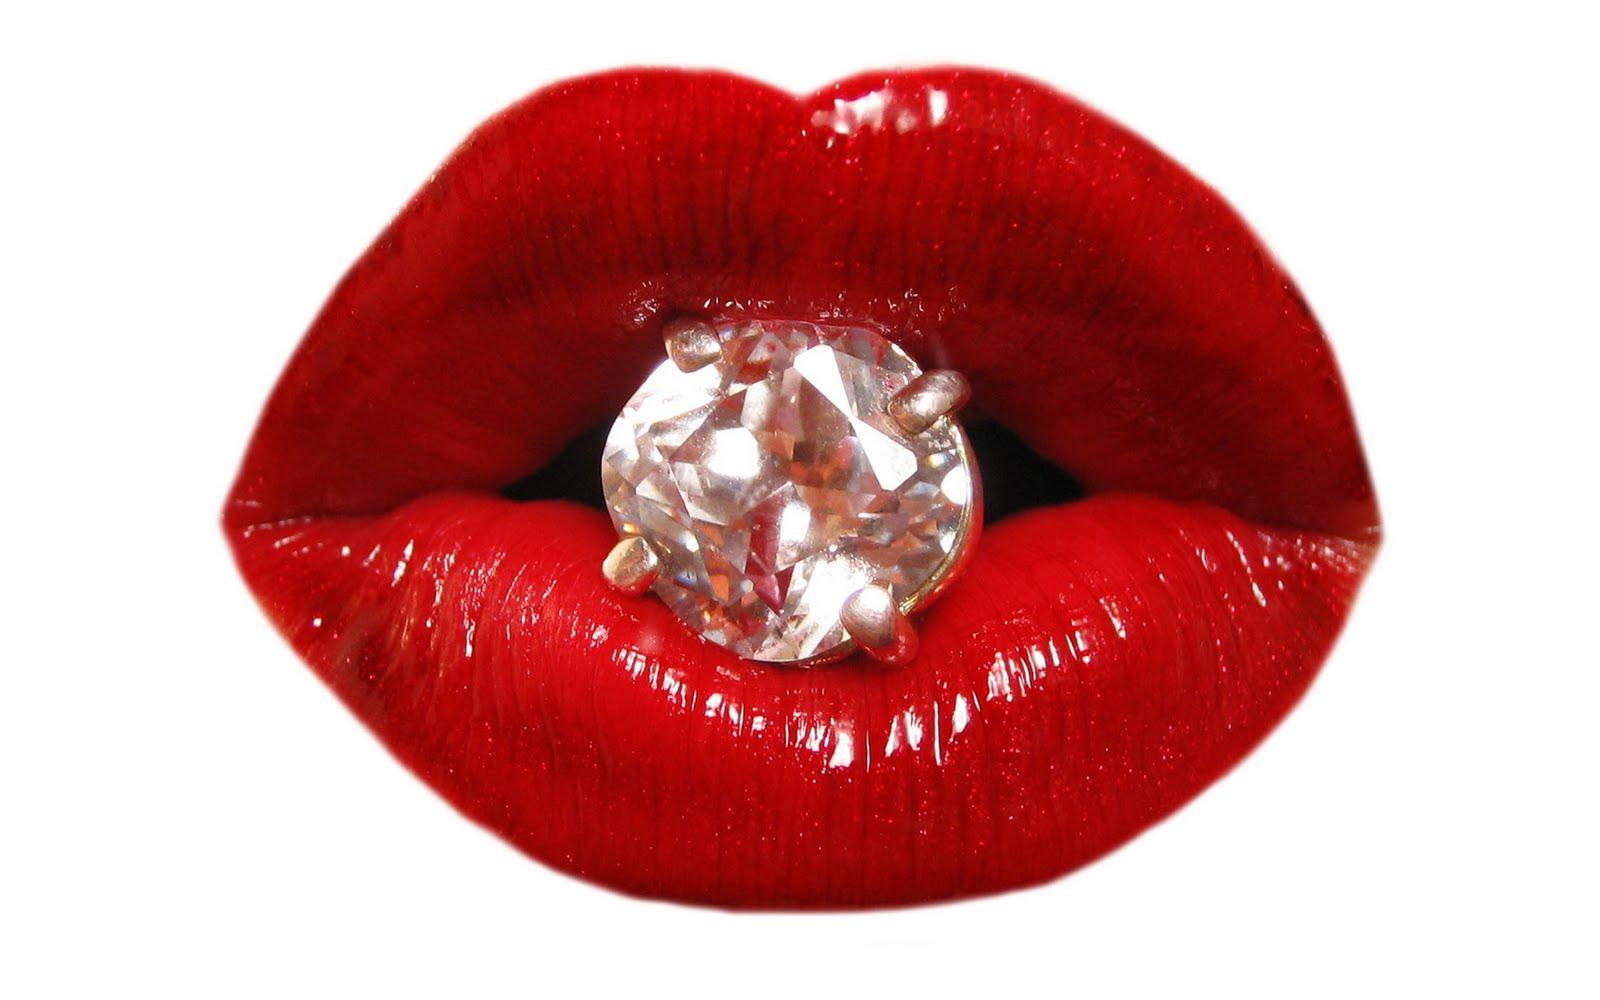 http://2.bp.blogspot.com/_yuNIyuT3kh8/S9FEuWHF8FI/AAAAAAAAABE/2XcruR3Gvbk/s1600/art-hot-lips-wallpaper.jpg